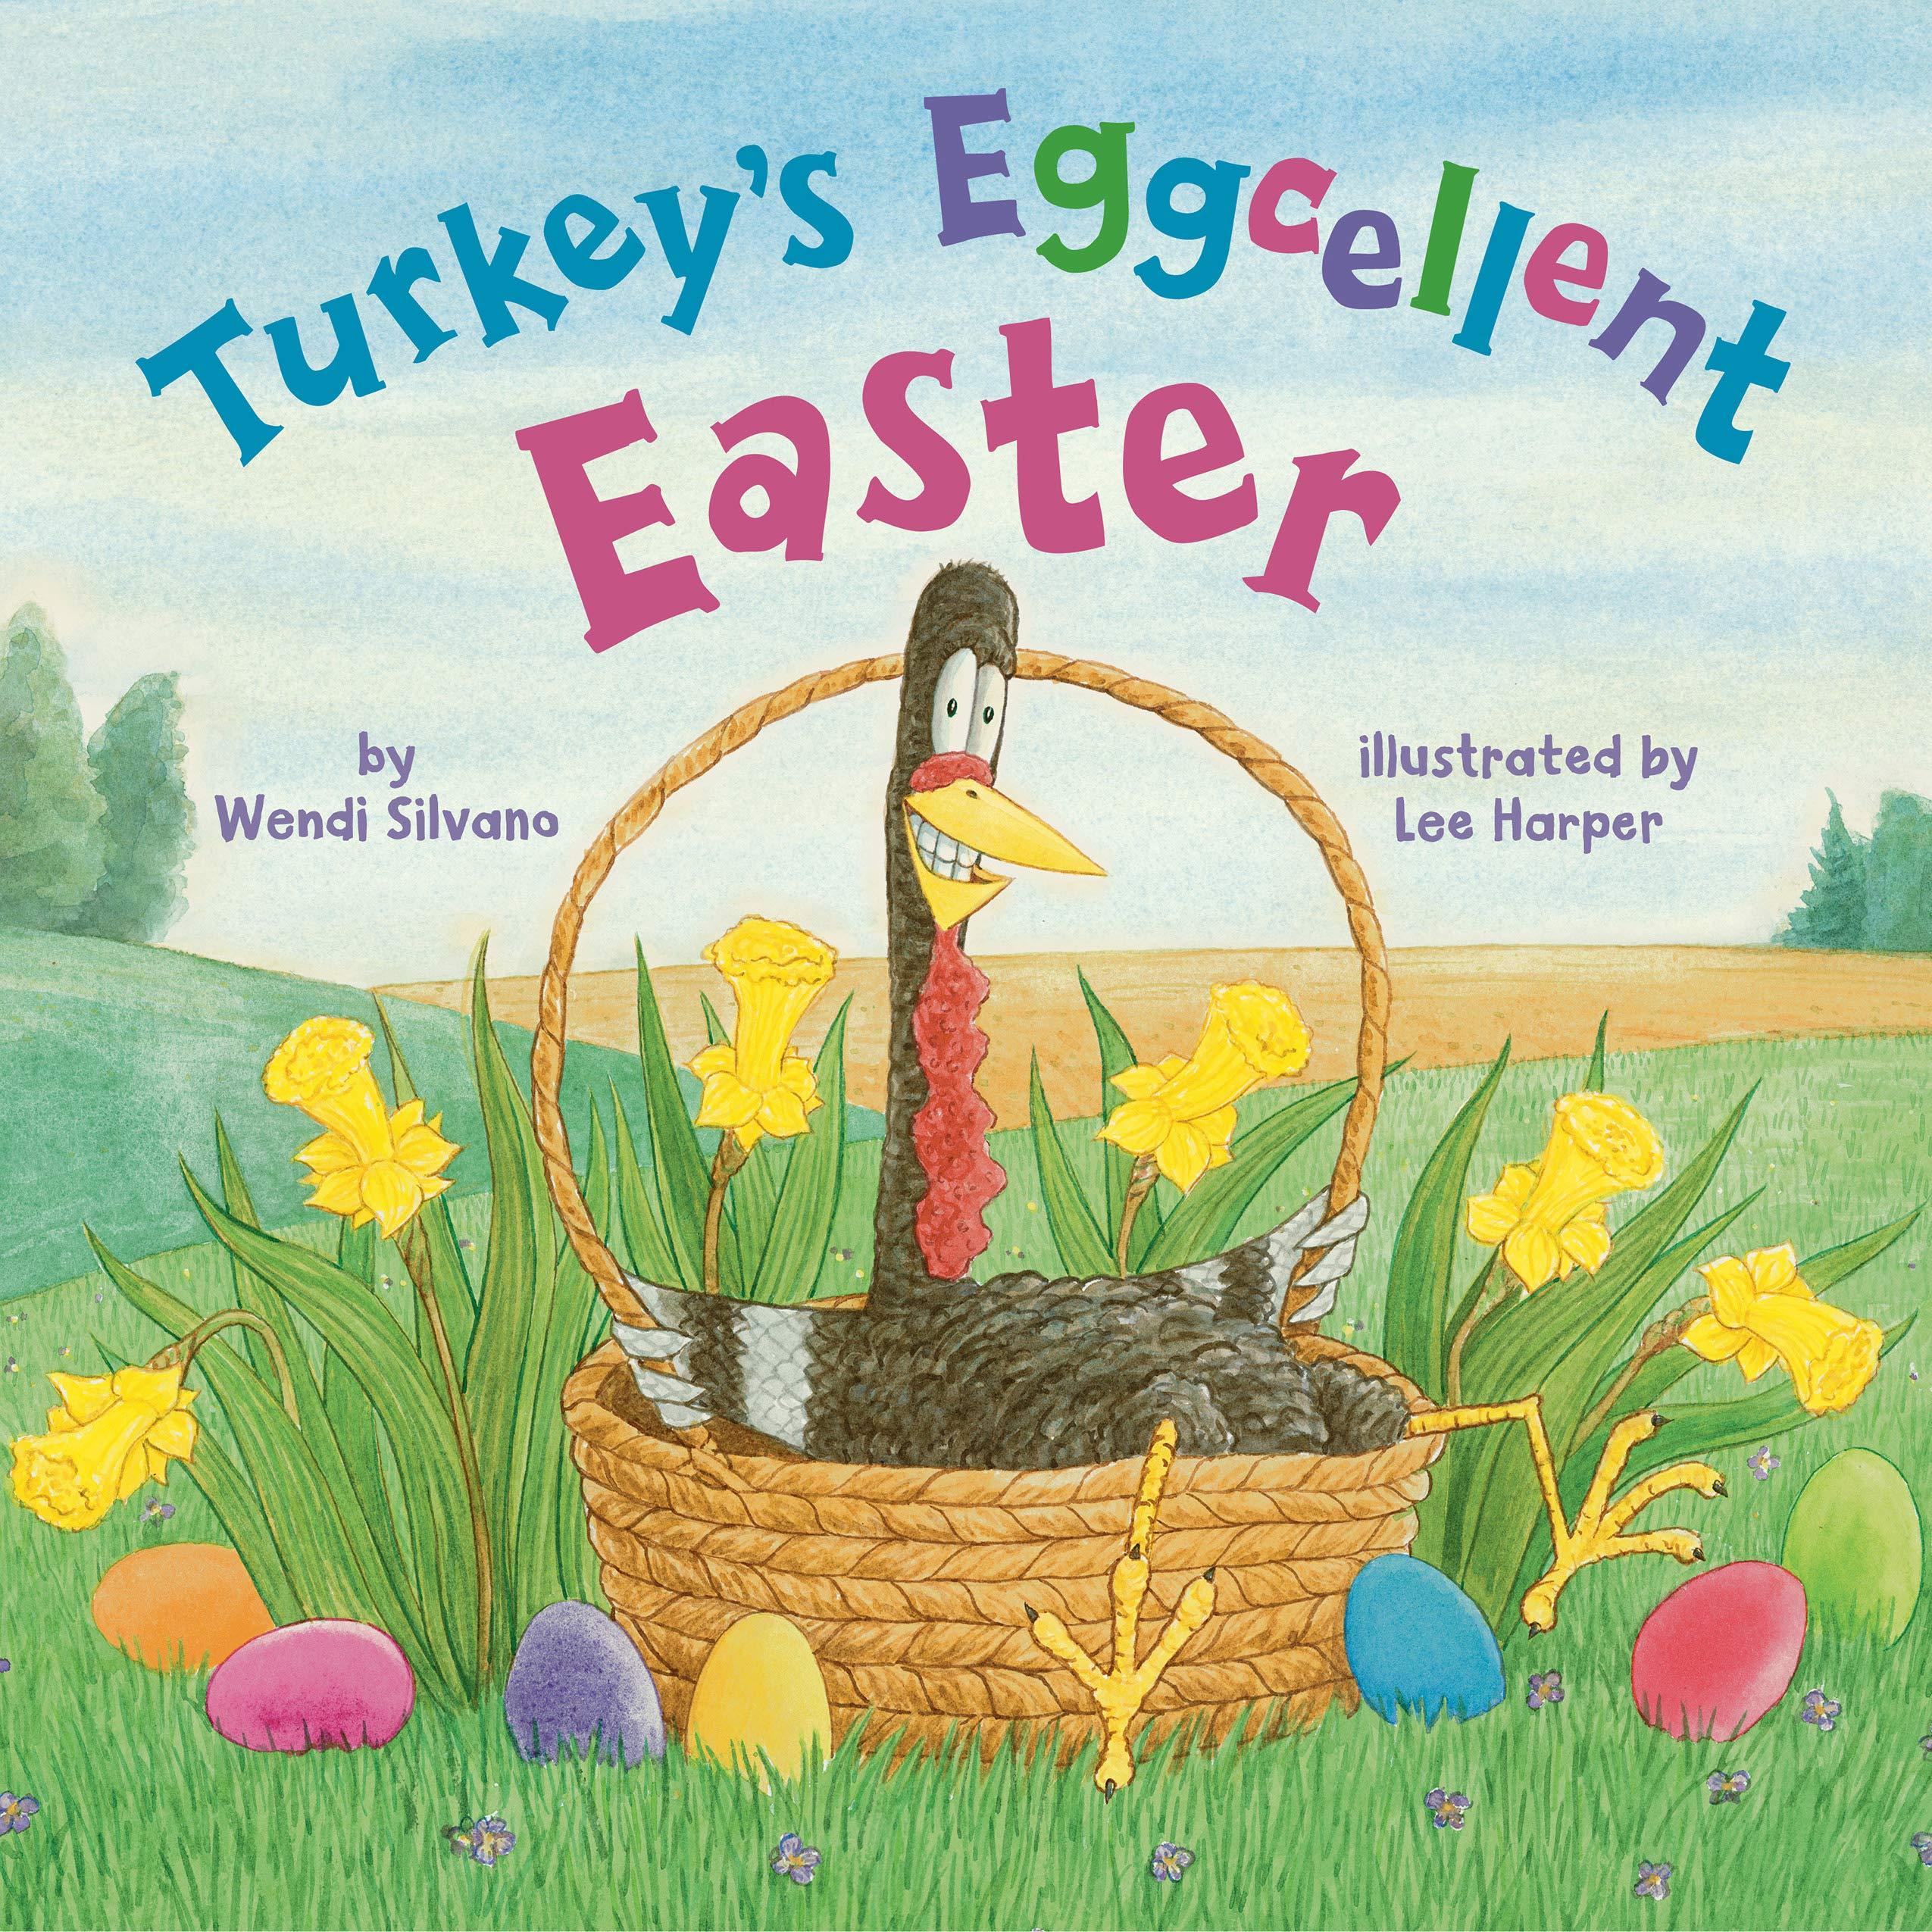 Image result for lee harper illustrator eggcellent easter